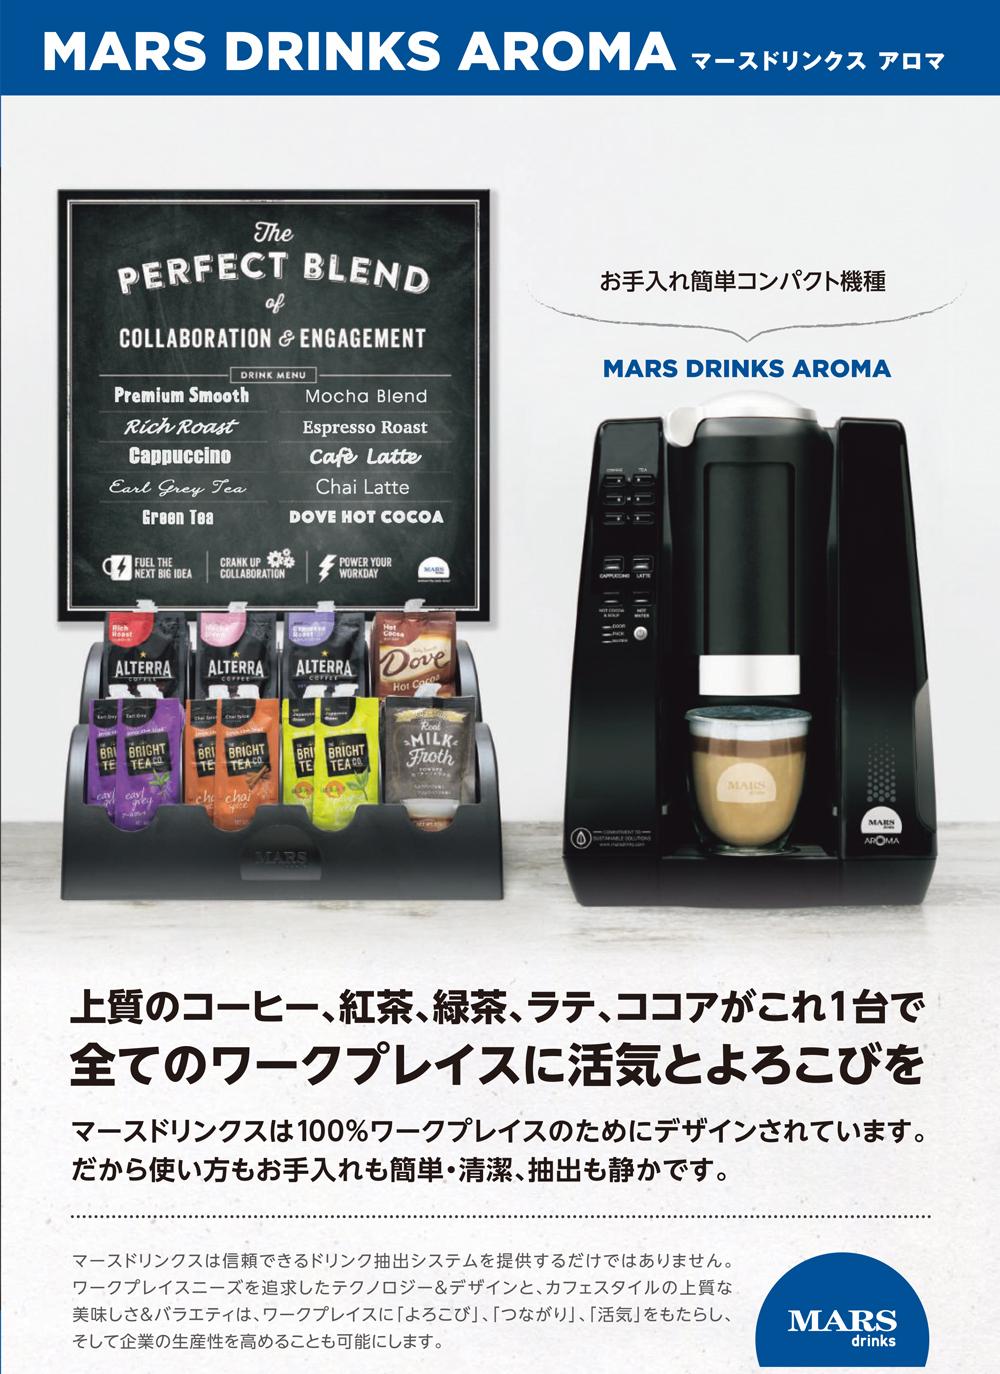 Mars Drinks AROMAパンフレット